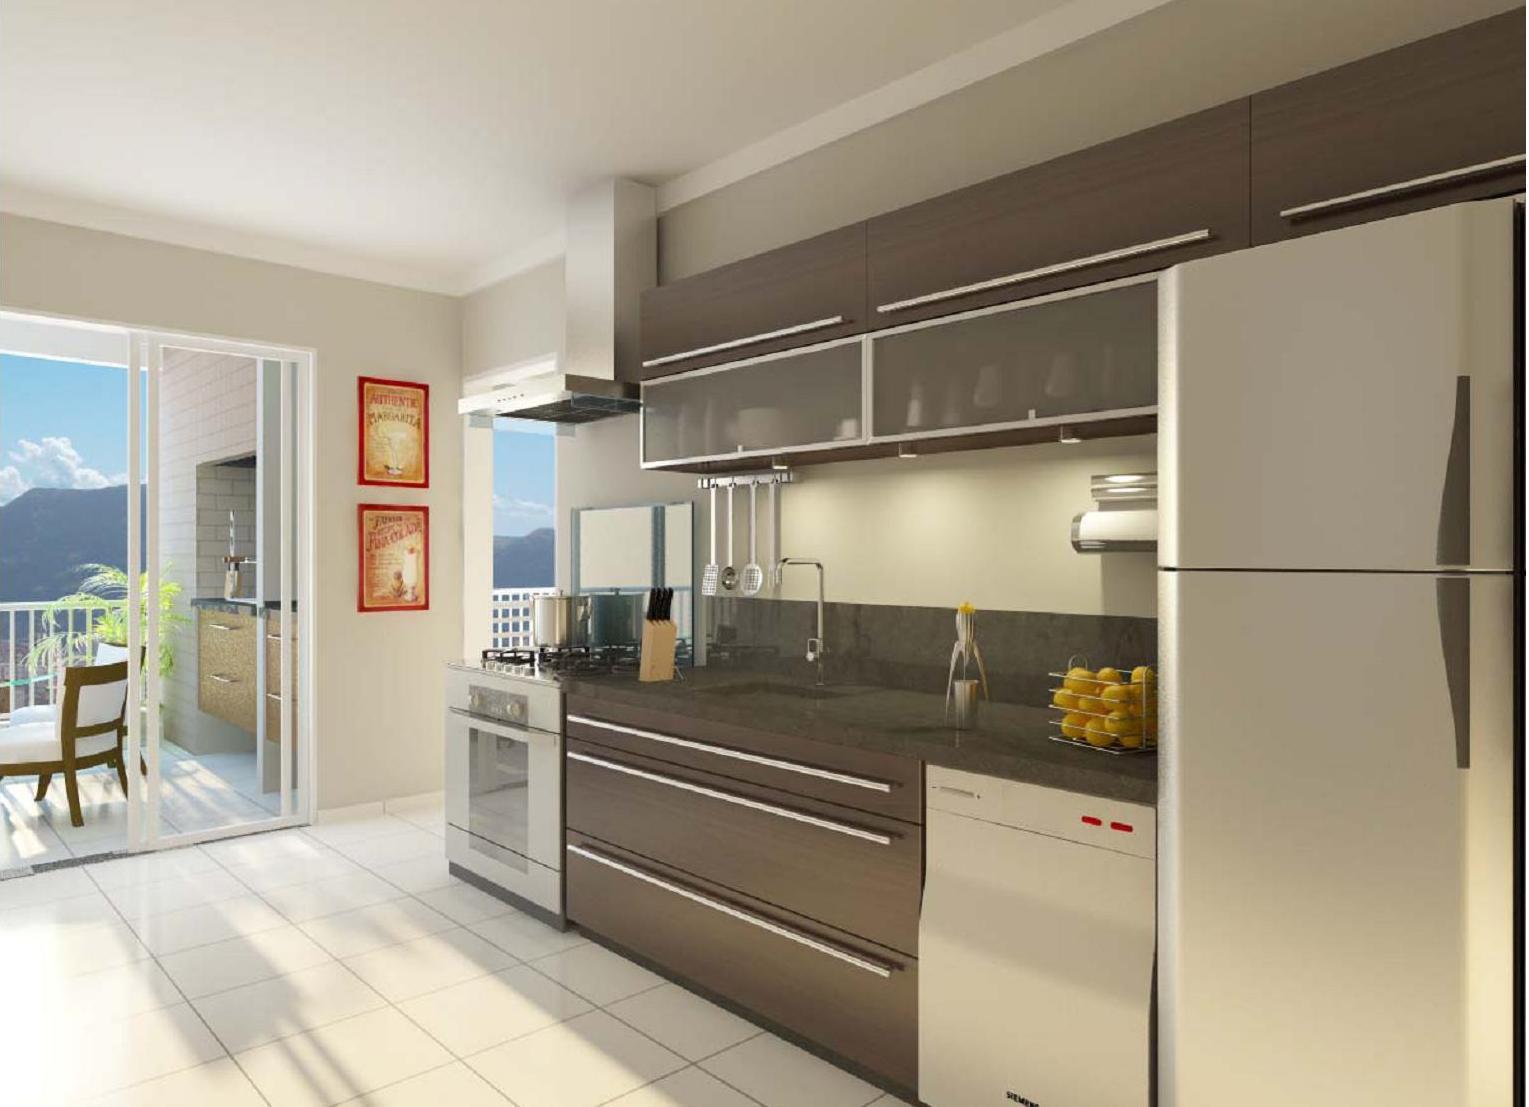 #347597 SOB MEDIDA 1529x1107 px Projetos De Cozinhas Sob Medidas #747 imagens